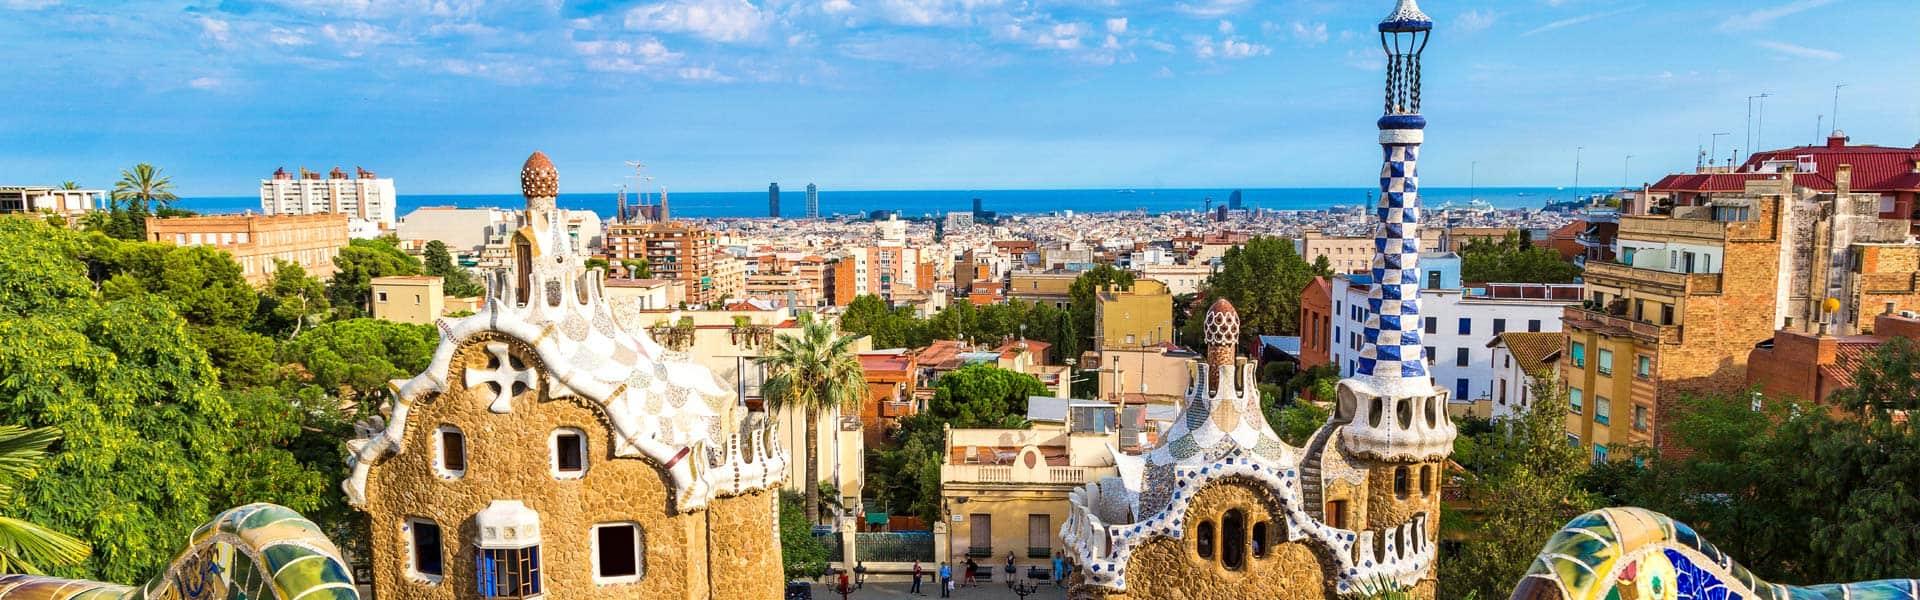 Gaudís Hommage an die Natur: Park Güell in Barcelona